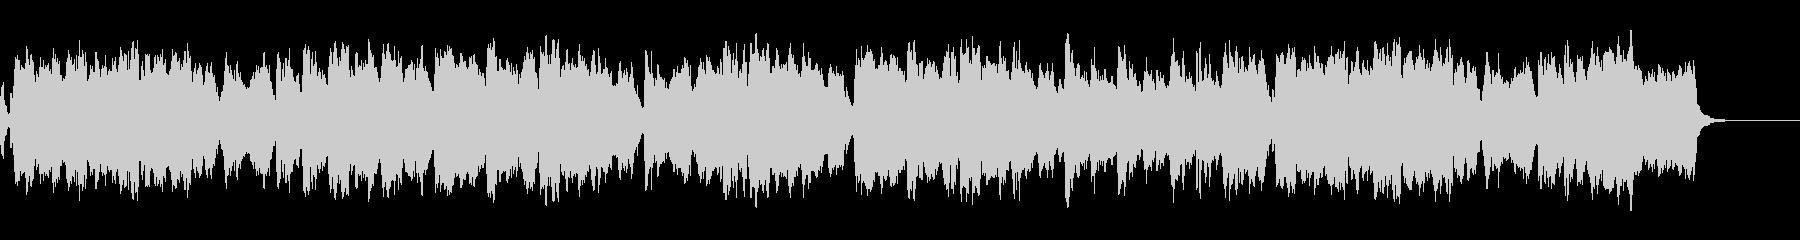 ヒーリング効果が期待できるオーケストラbの未再生の波形